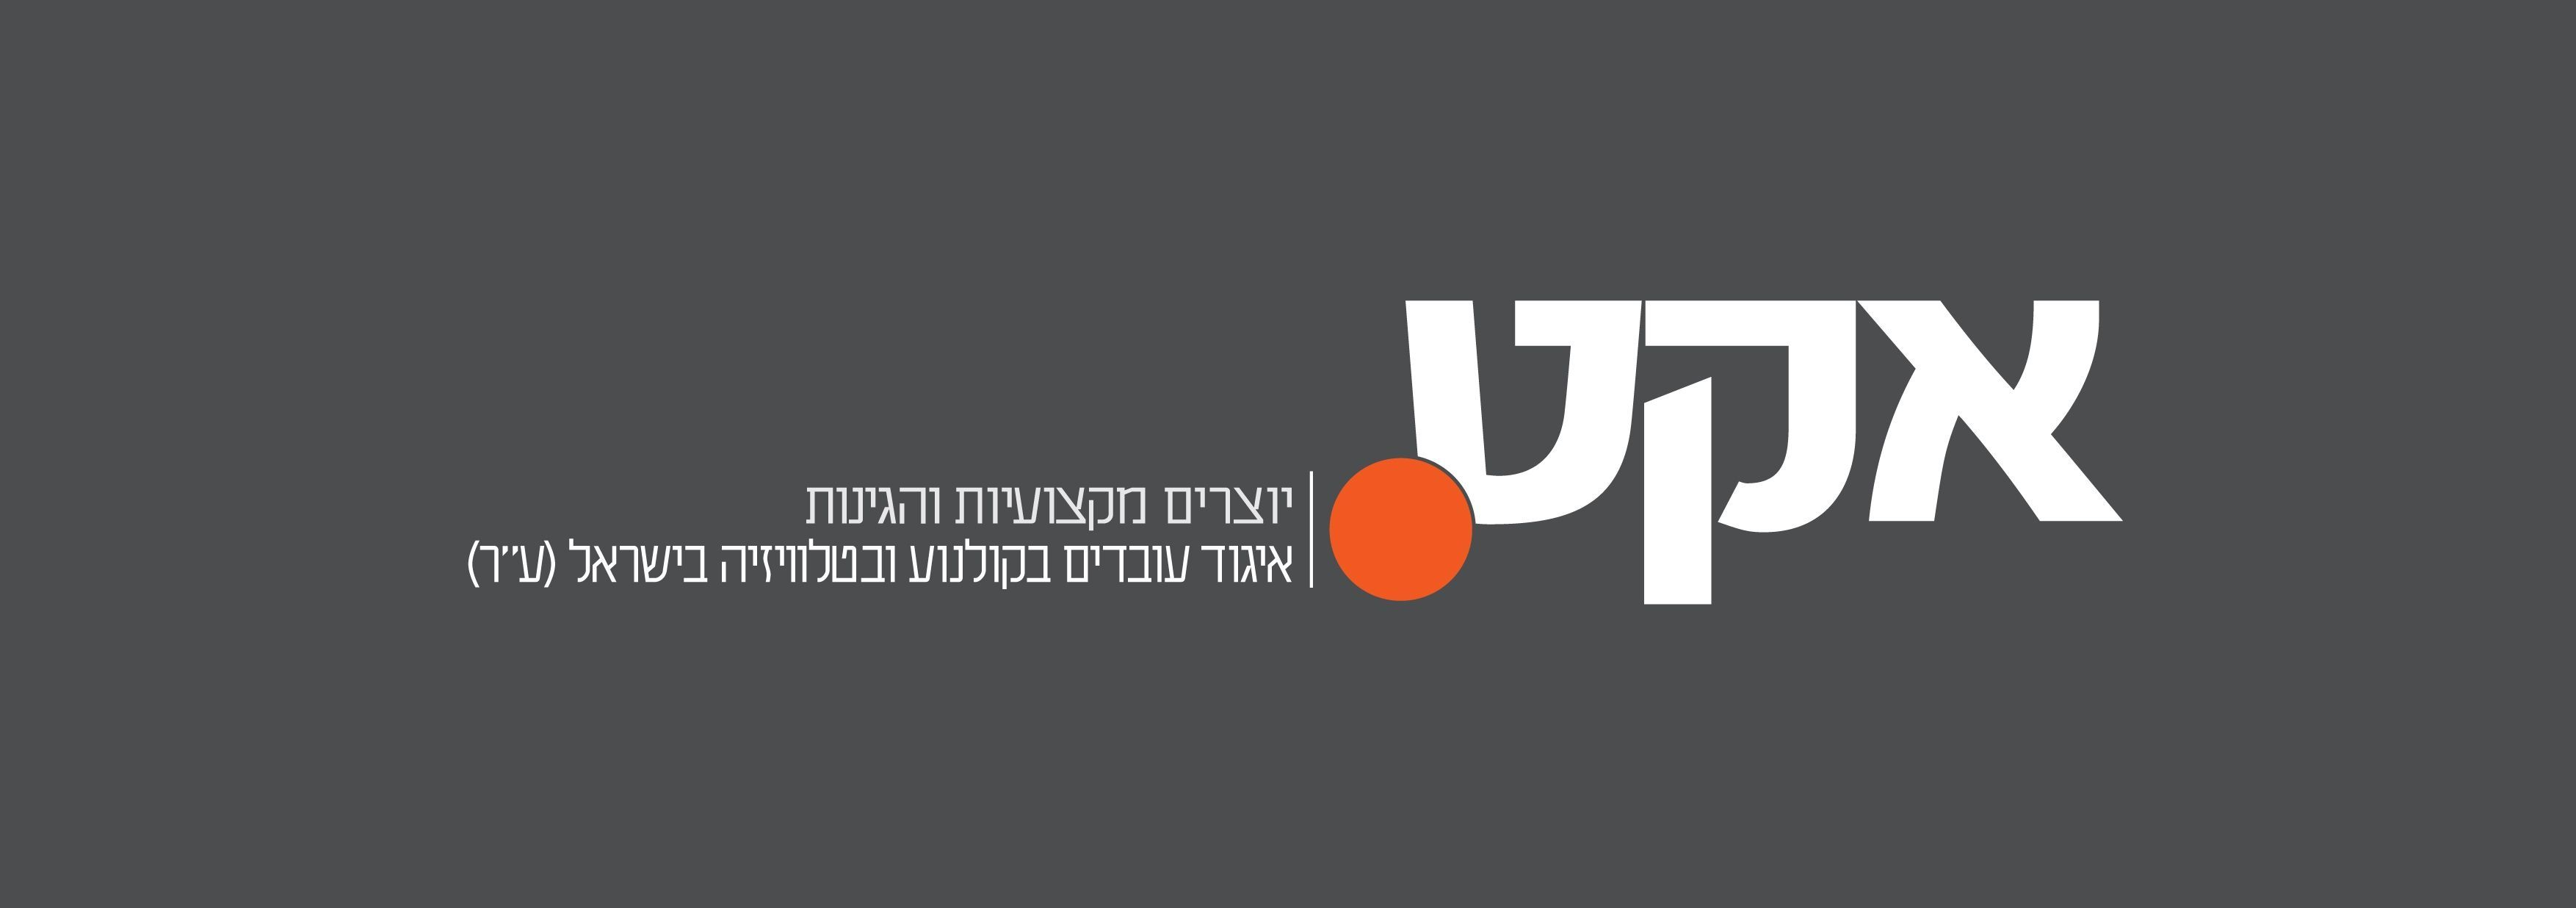 לוגו עם איגוד עובדים